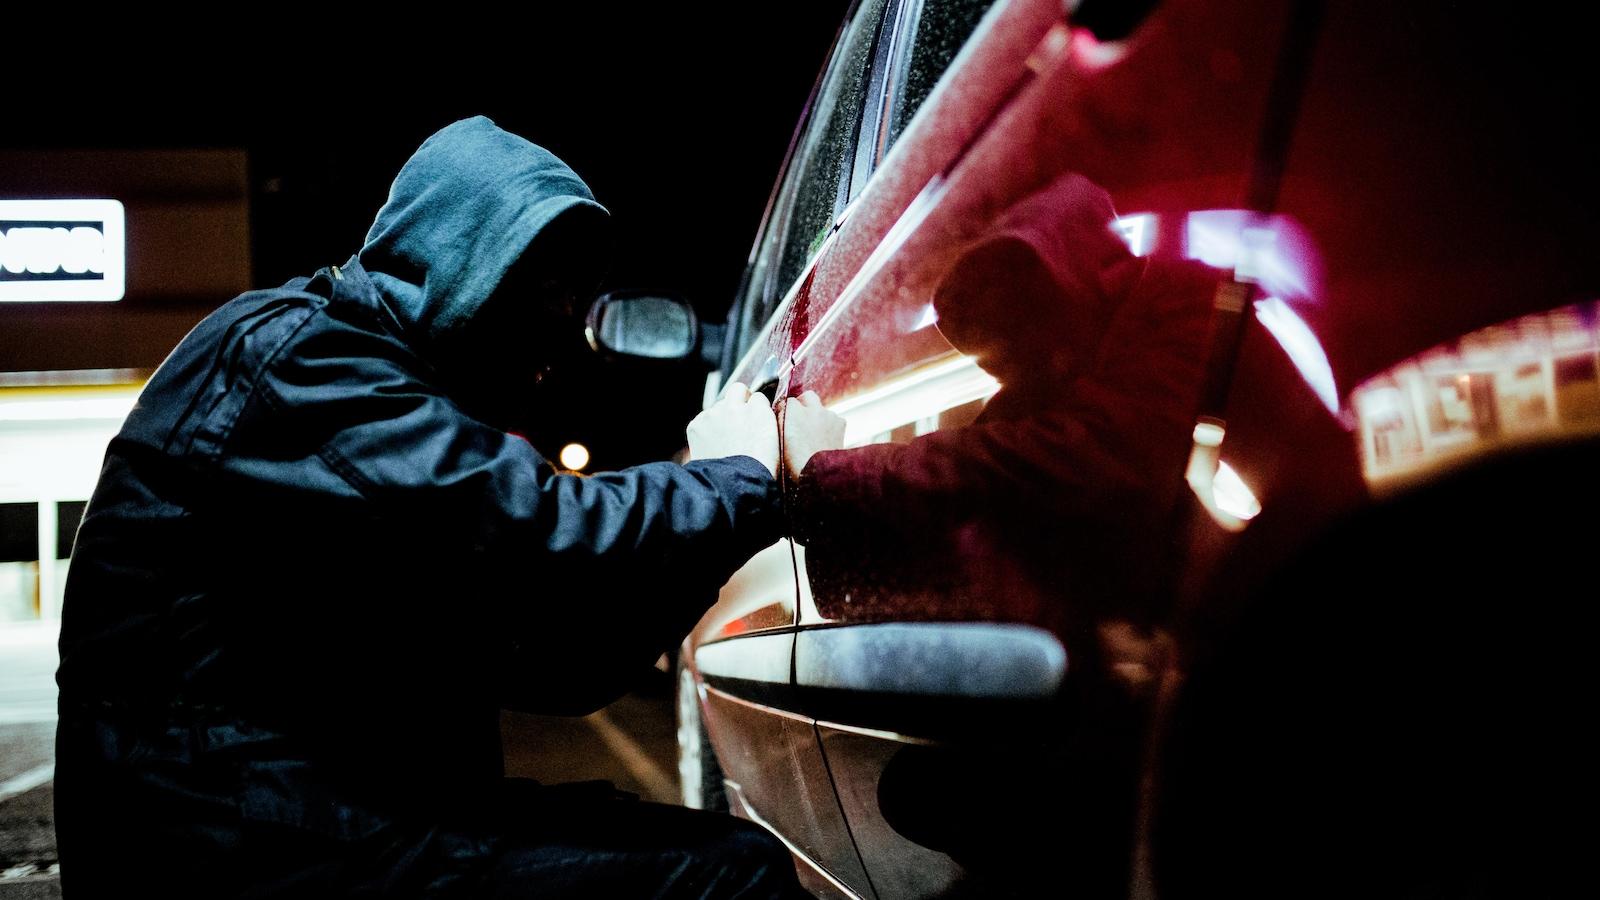 Un voleur de voiture en action tard dans la nuit, portant des vêtements noirs.